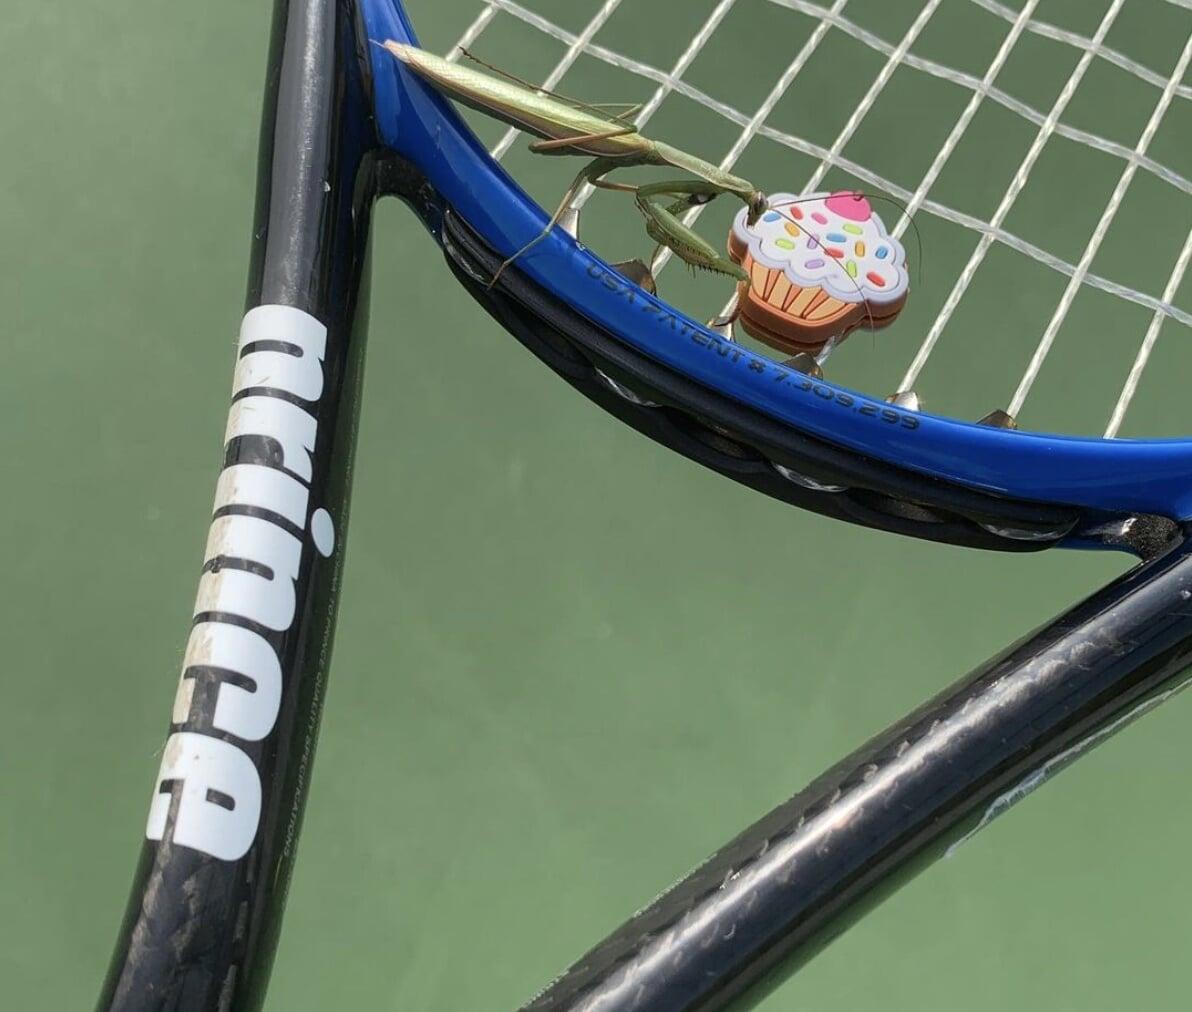 В теннисе есть резинки против плохих вибраций. Они якобы делают удары приятнее и берегут локти